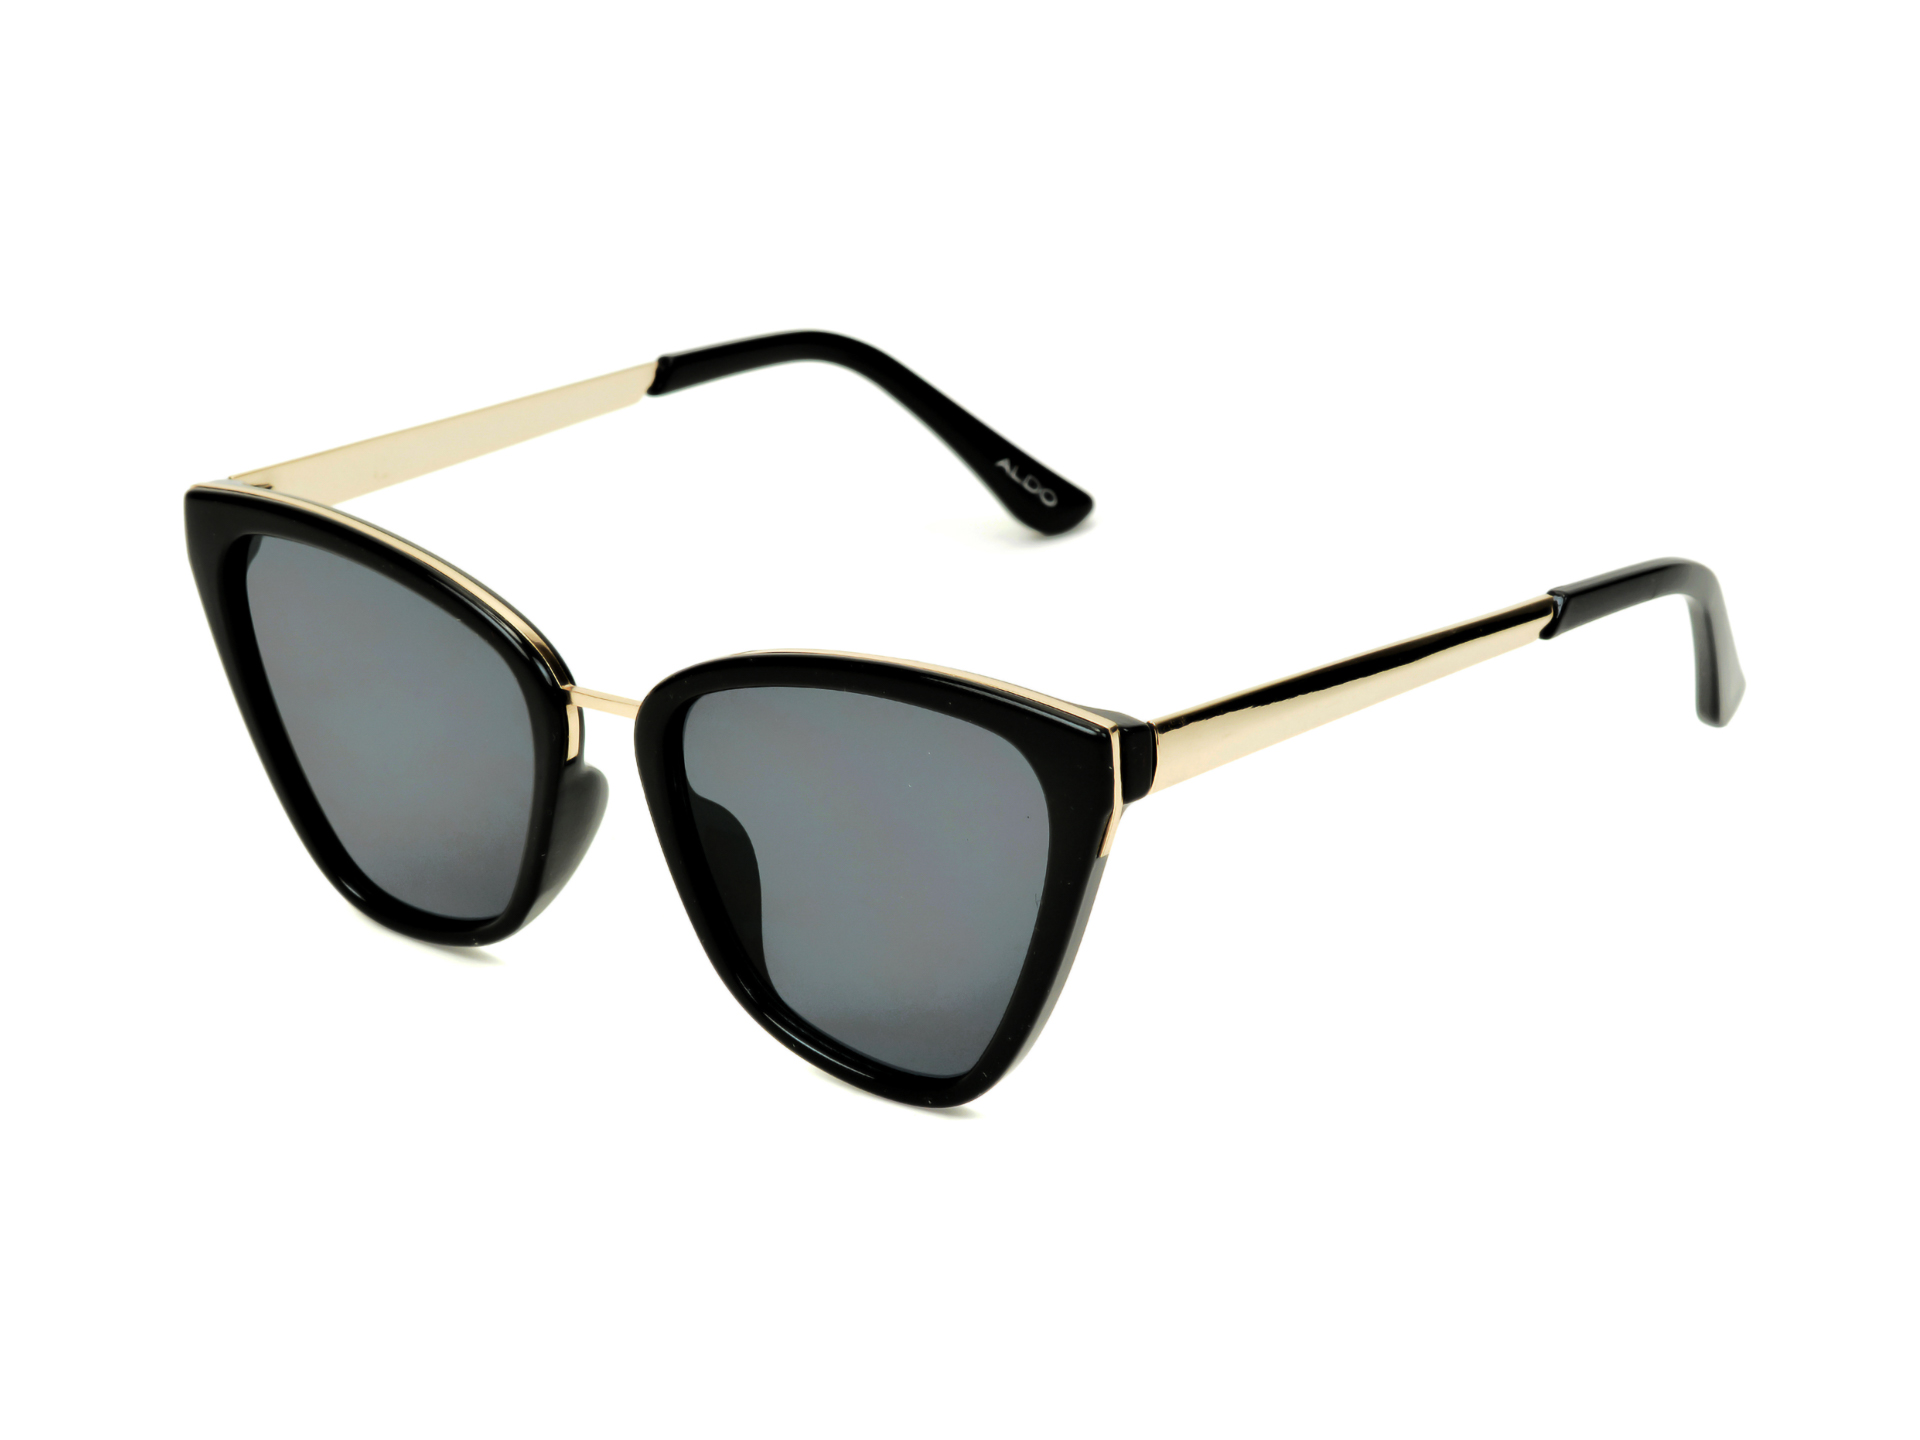 Ochelari de soare ALDO negri, Delna970, din PVC imagine